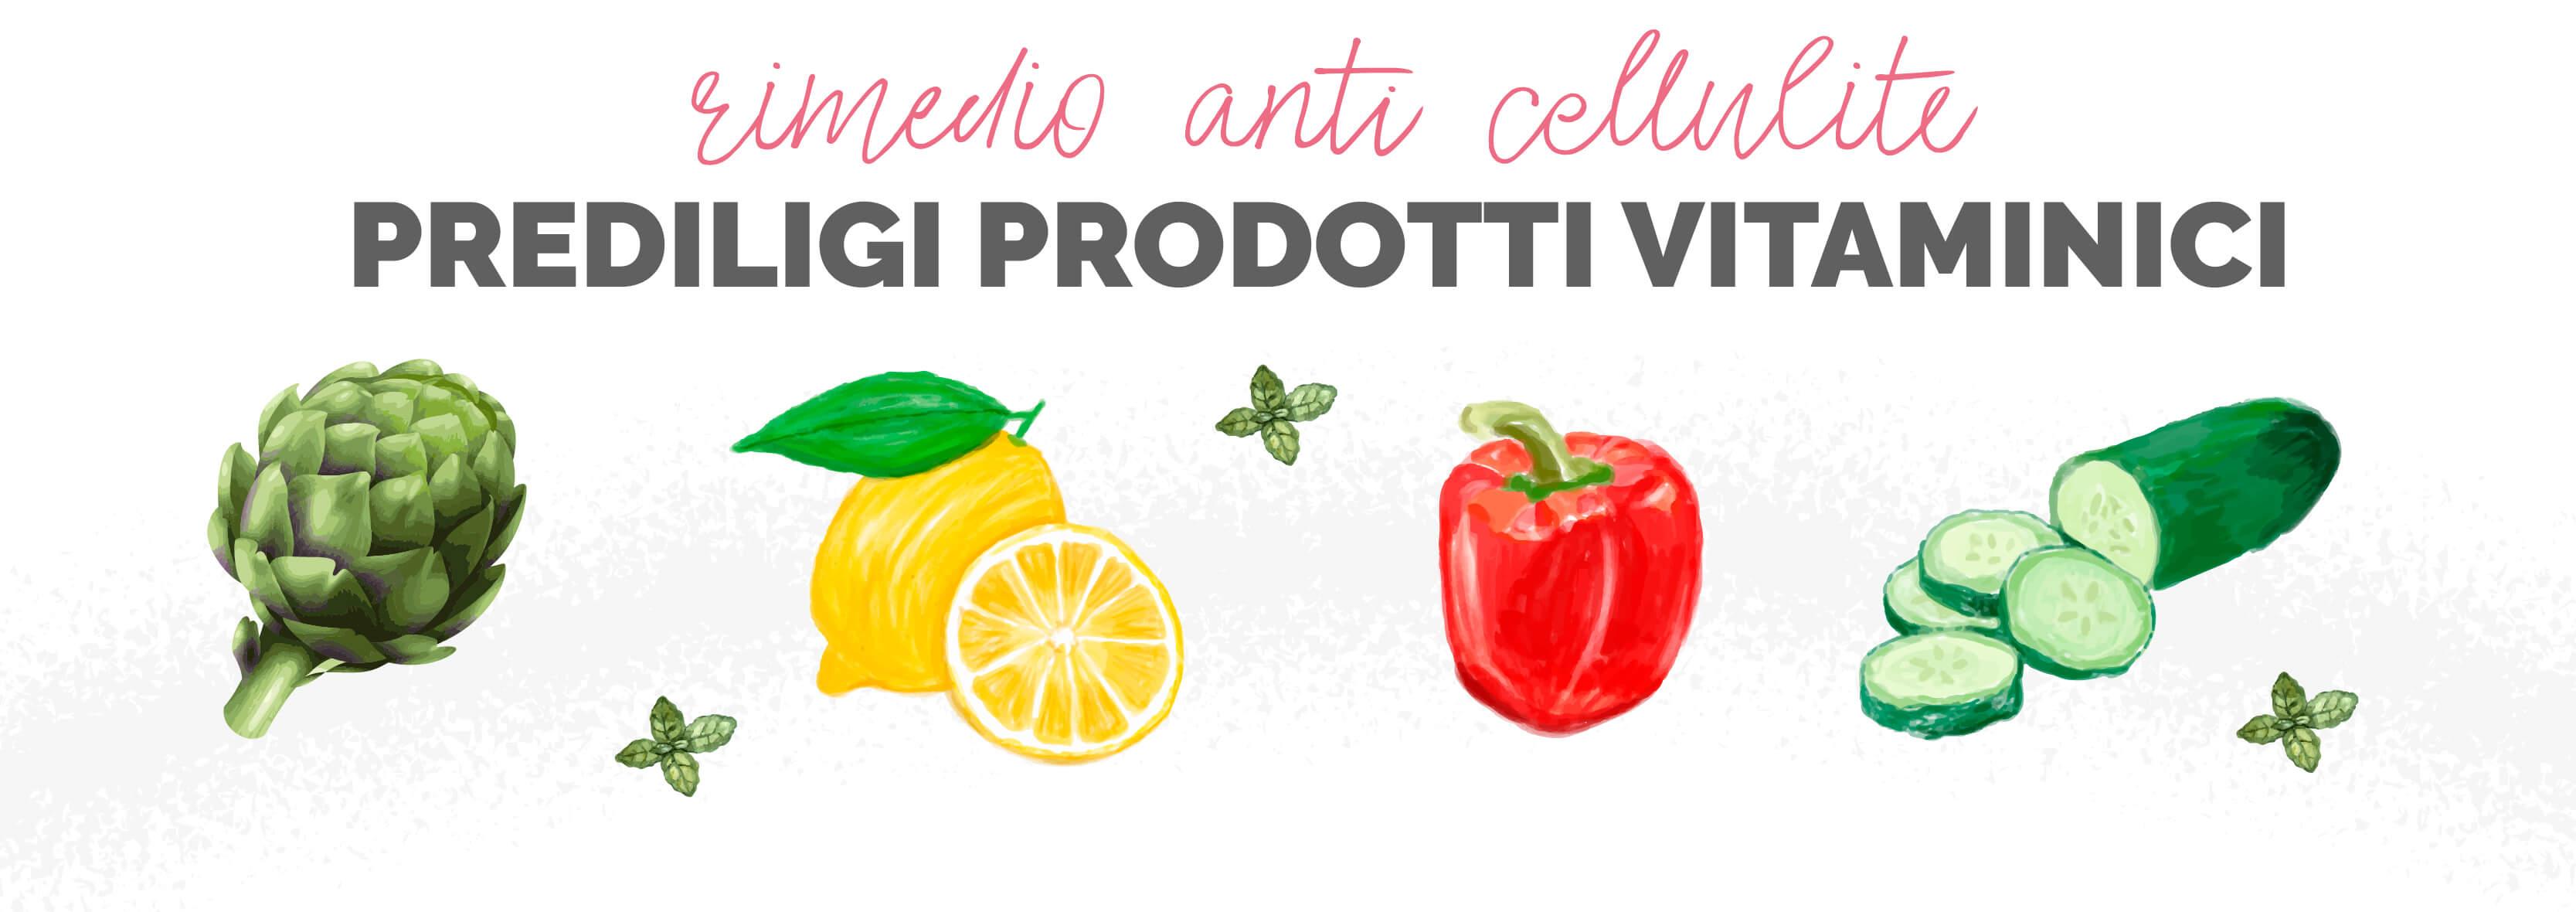 alimentazione e cellulite rimedi anticellulite